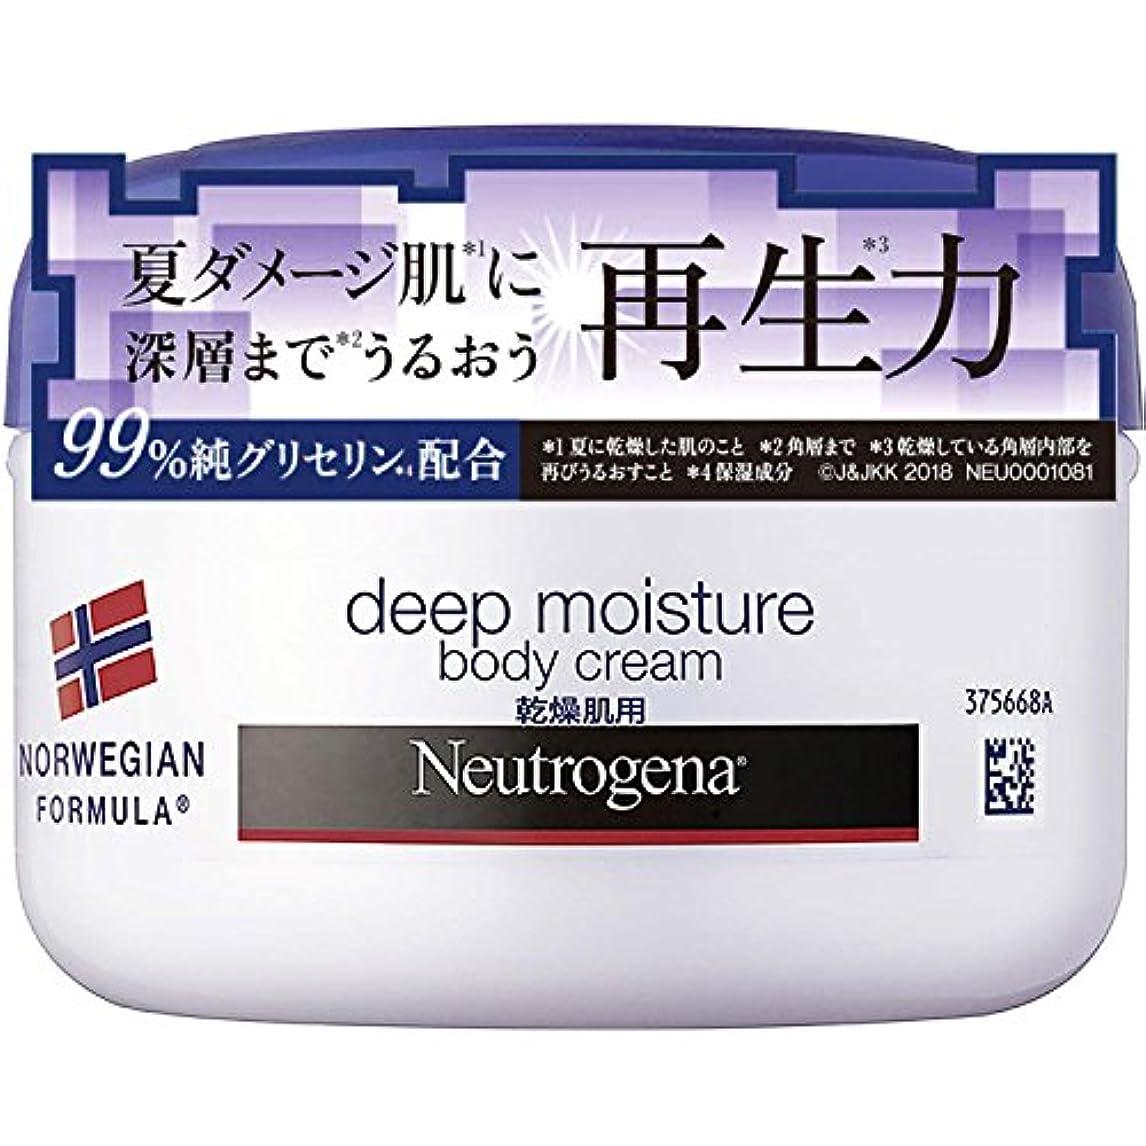 マージンクラブ後世Neutrogena(ニュートロジーナ) ノルウェーフォーミュラ ディープモイスチャー ボディクリーム 乾燥肌用 微香性 200ml